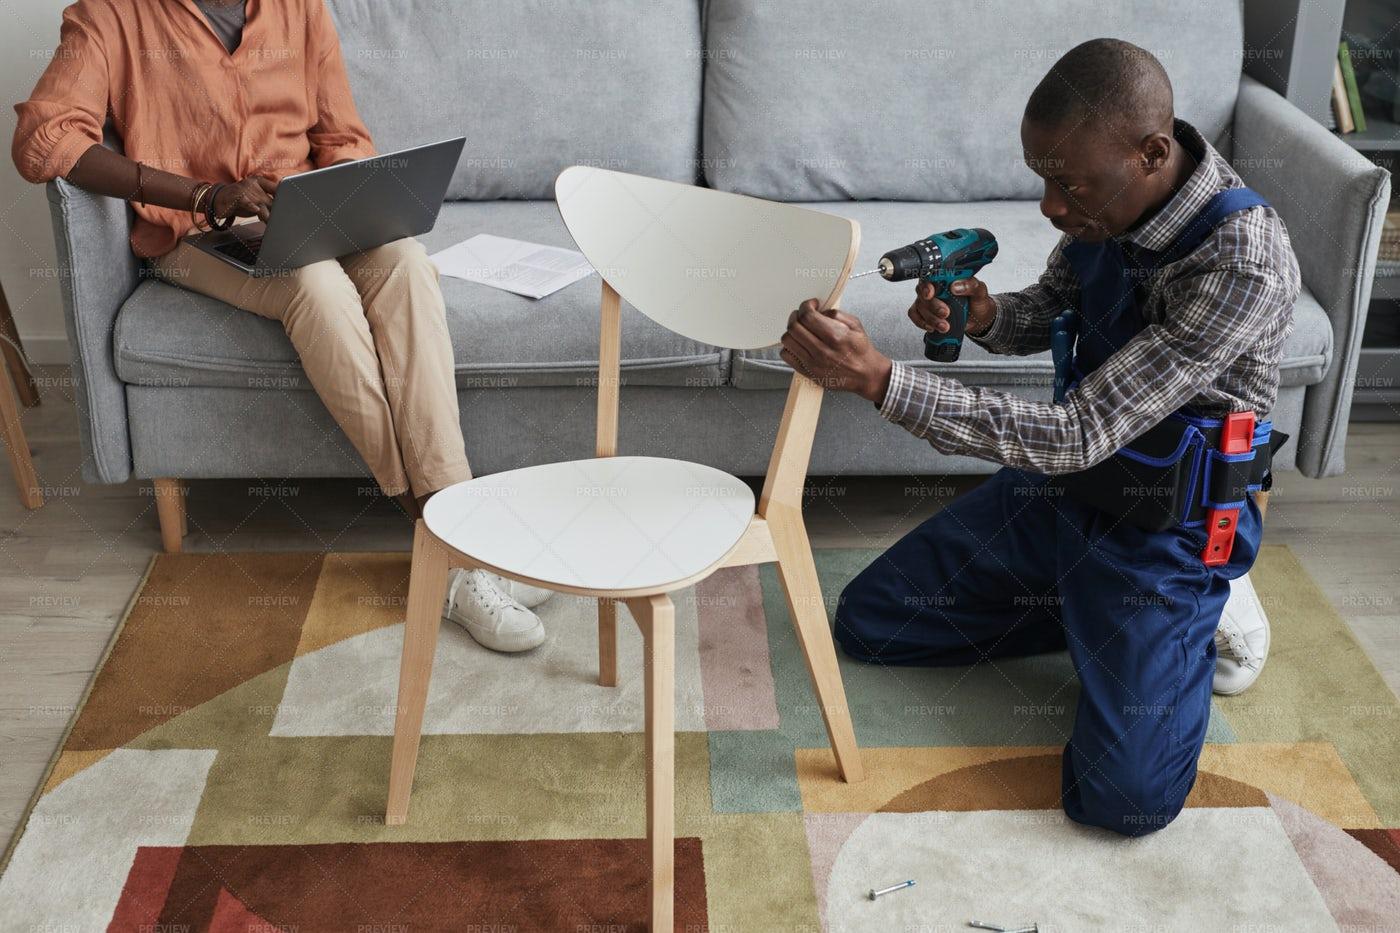 Handyman Assembling A Chair: Stock Photos